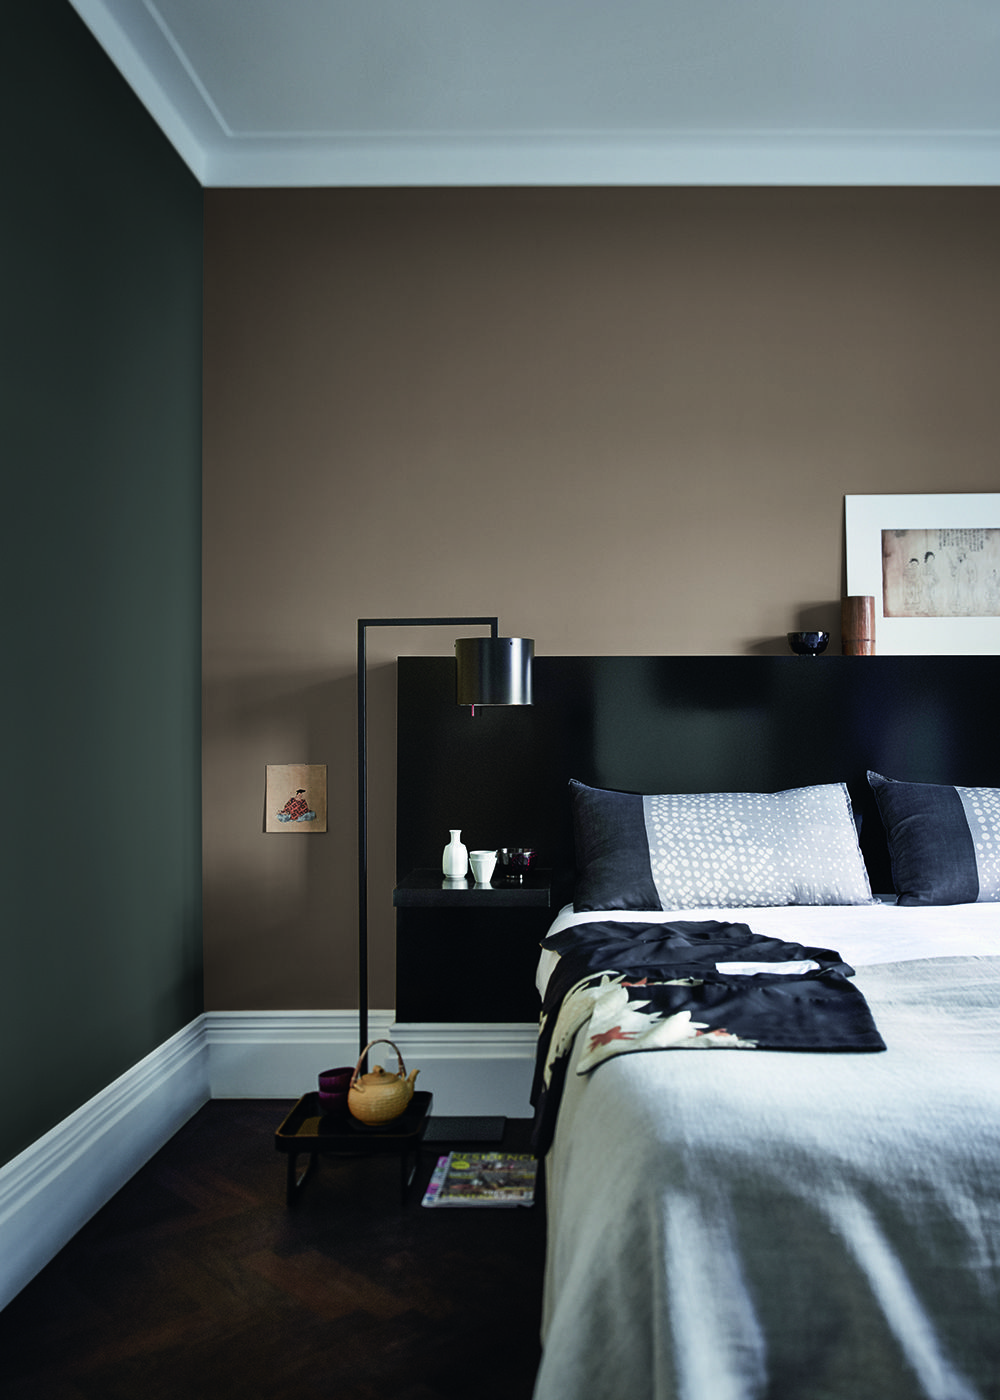 Flexa Industrial Grey.Slaapkamer Met Flexa Creations Kleuren Industrial Grey